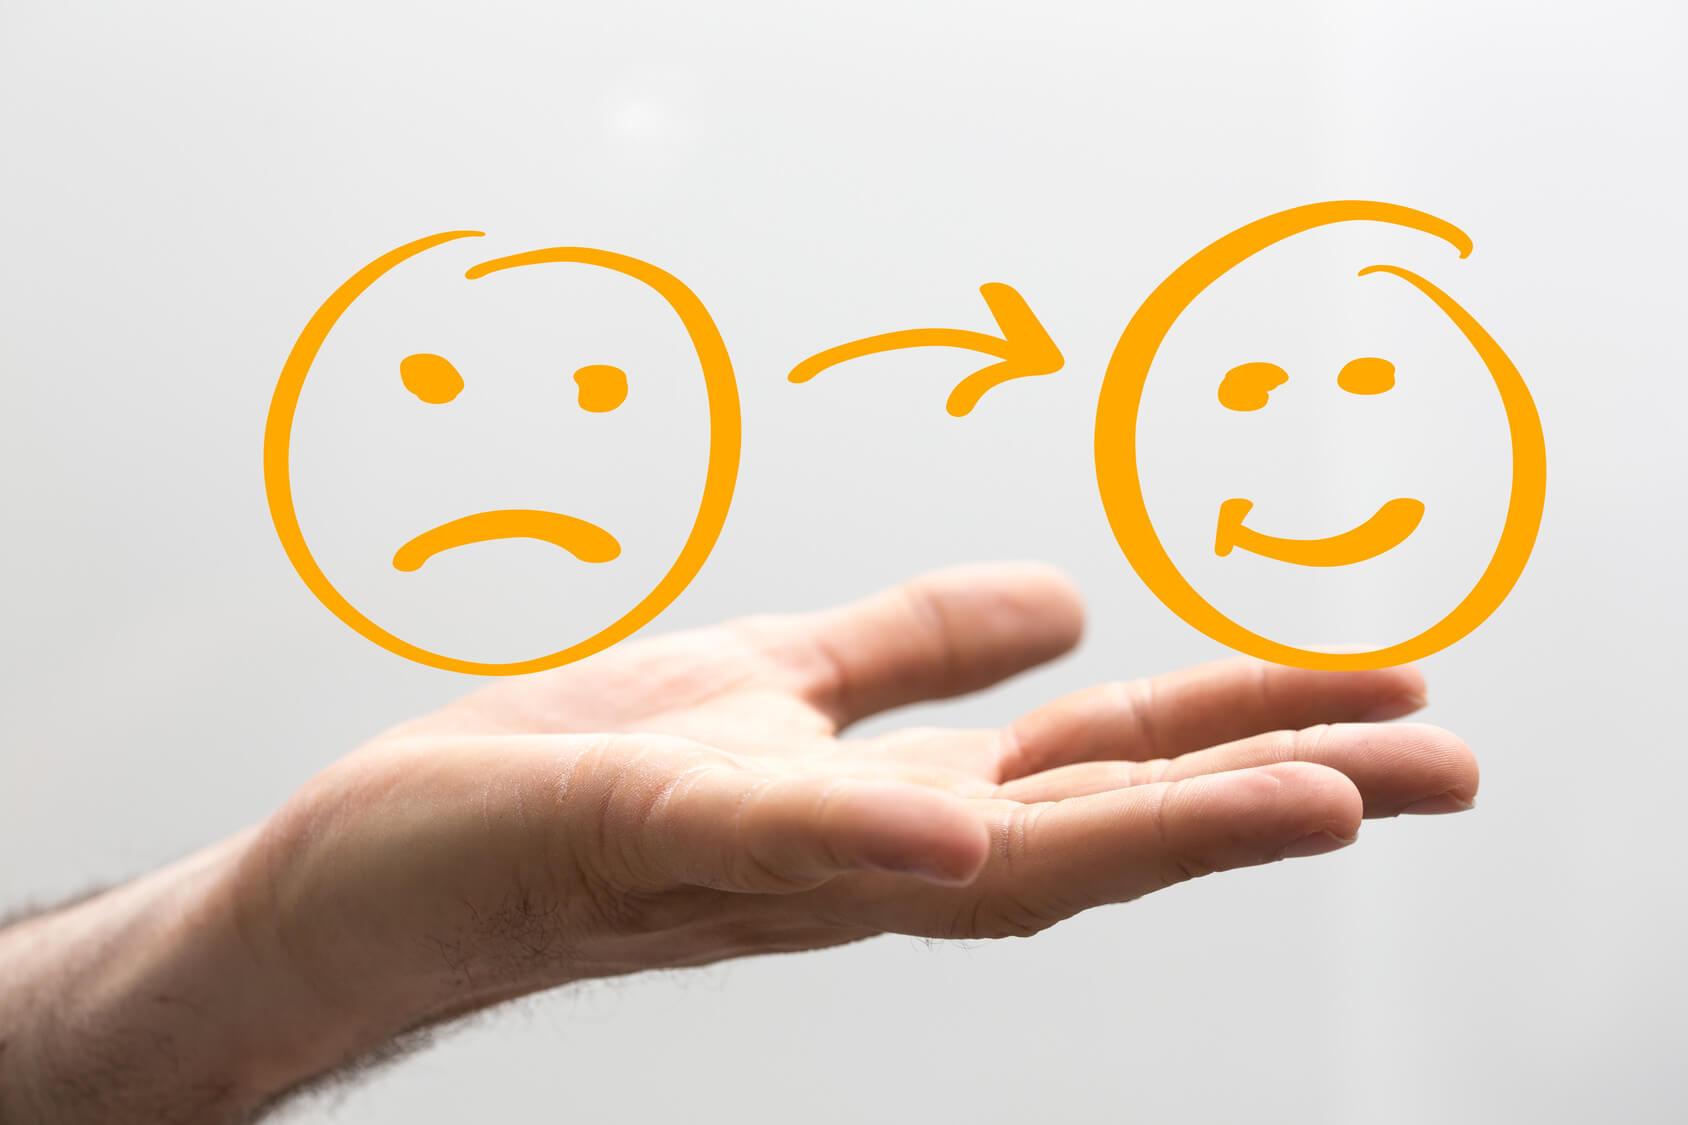 Motivación Positiva Negativa Definición Concepto Y Qué Es